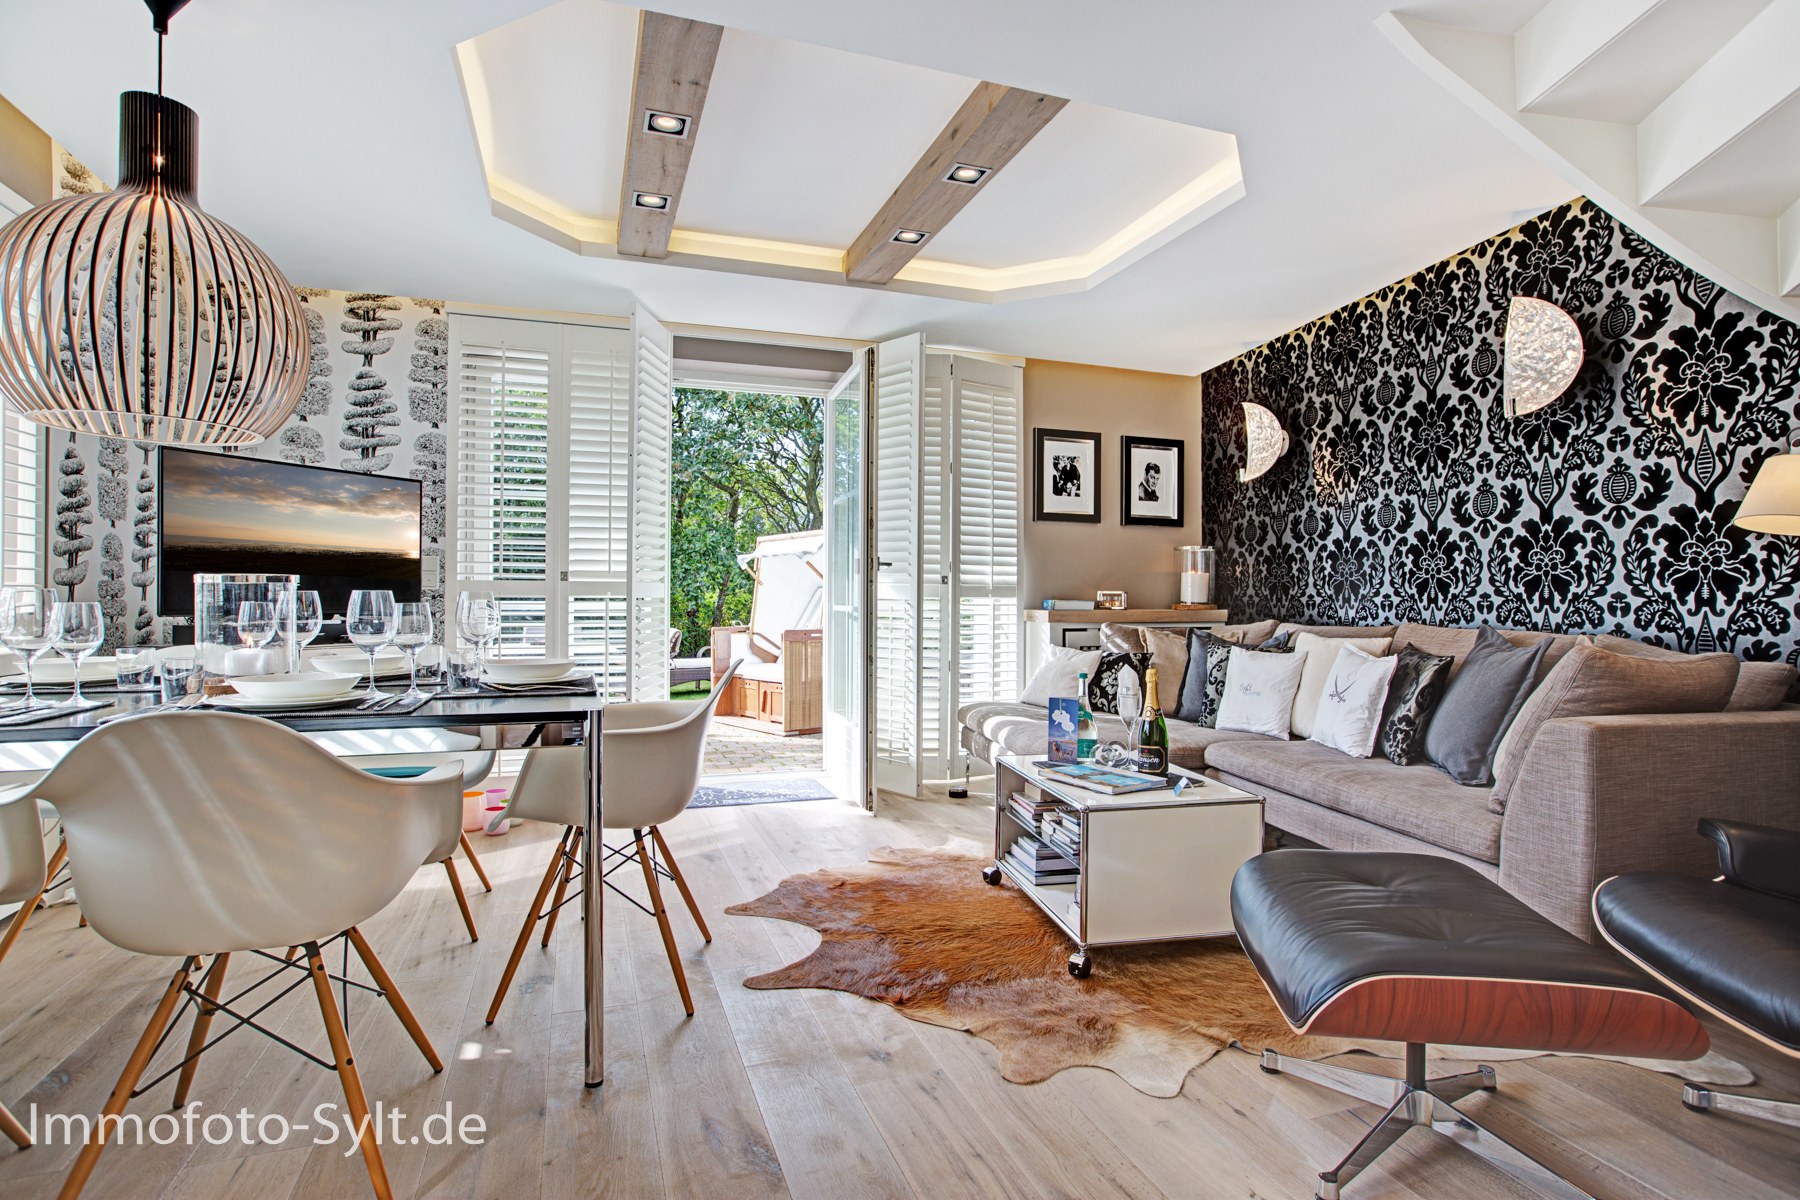 design ferienwohnung auf sylt immofoto sylt